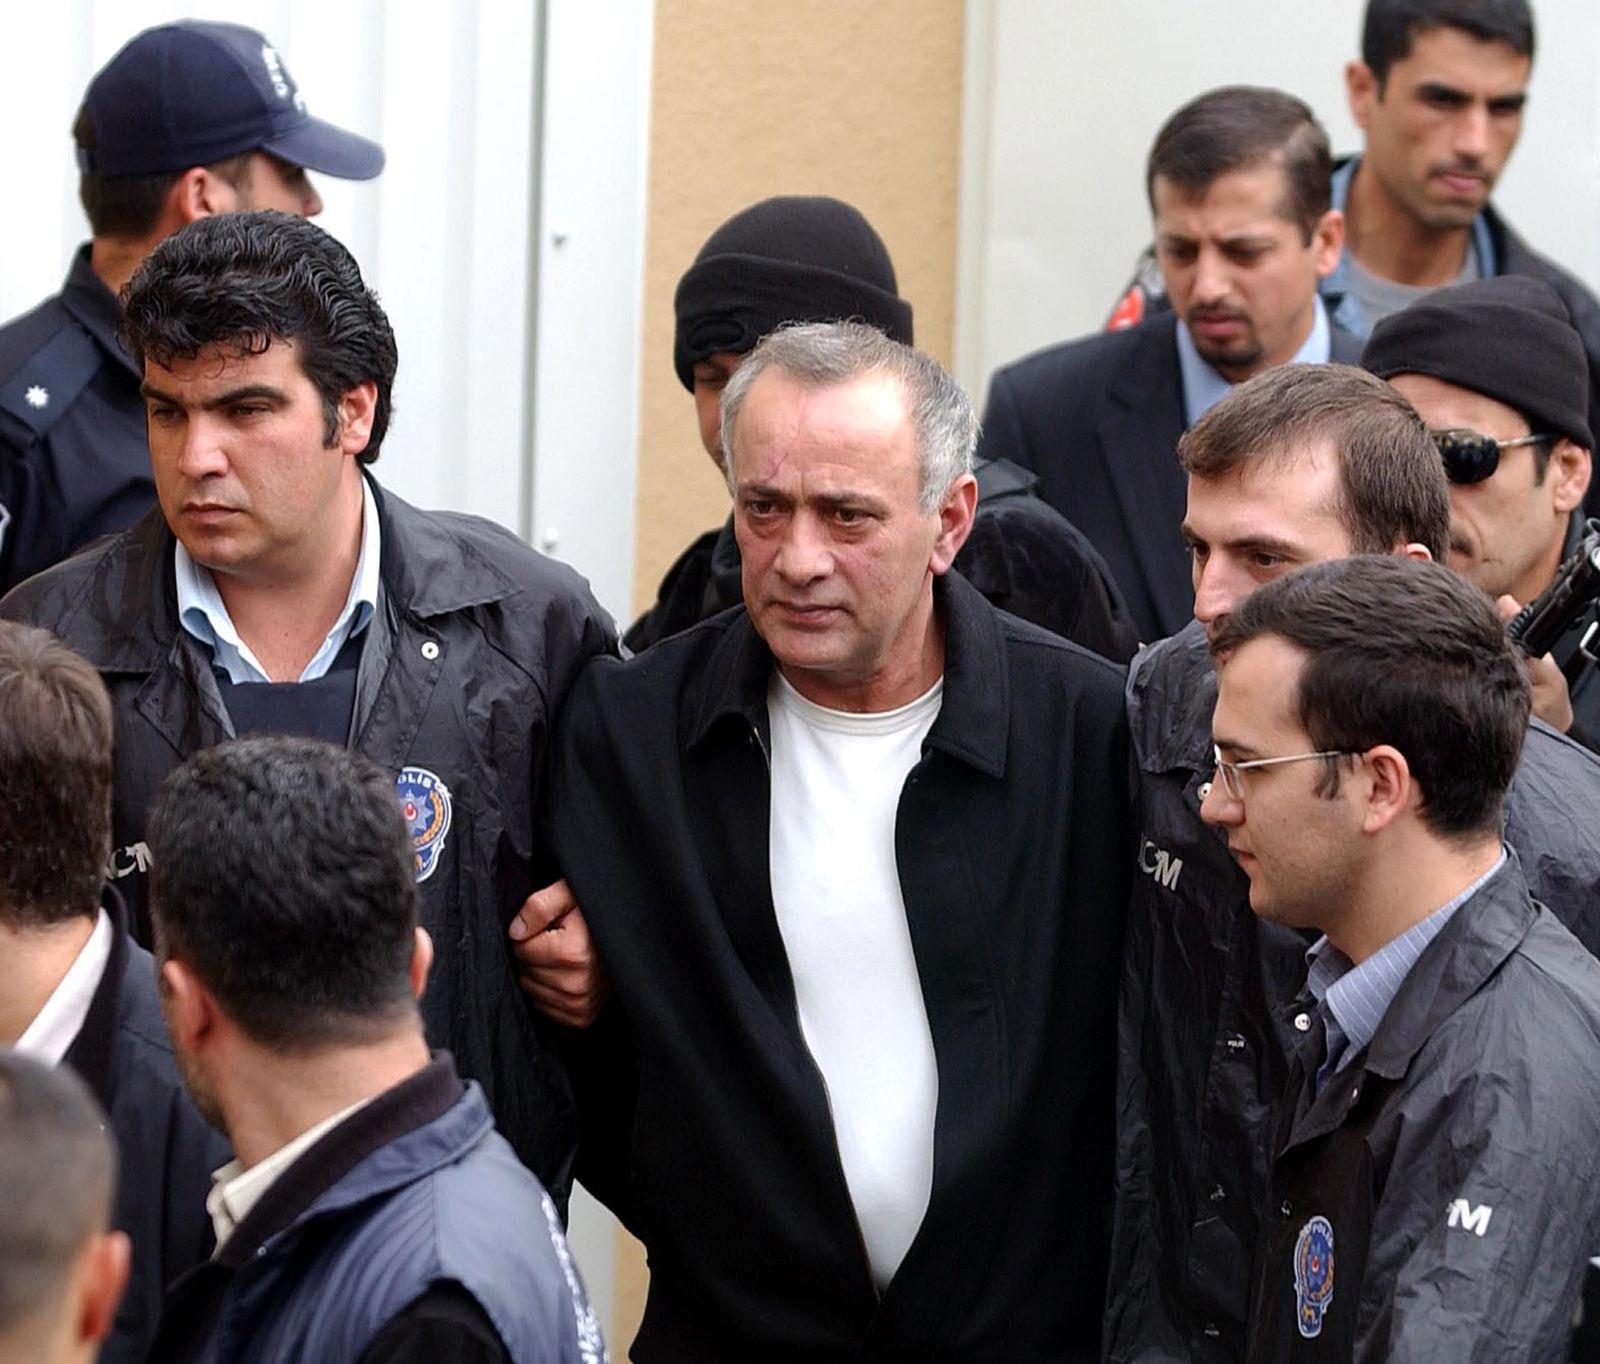 Convicted Turkish underworld boss Alaattin Cakici arrives at a Turkish court in Istanbul.